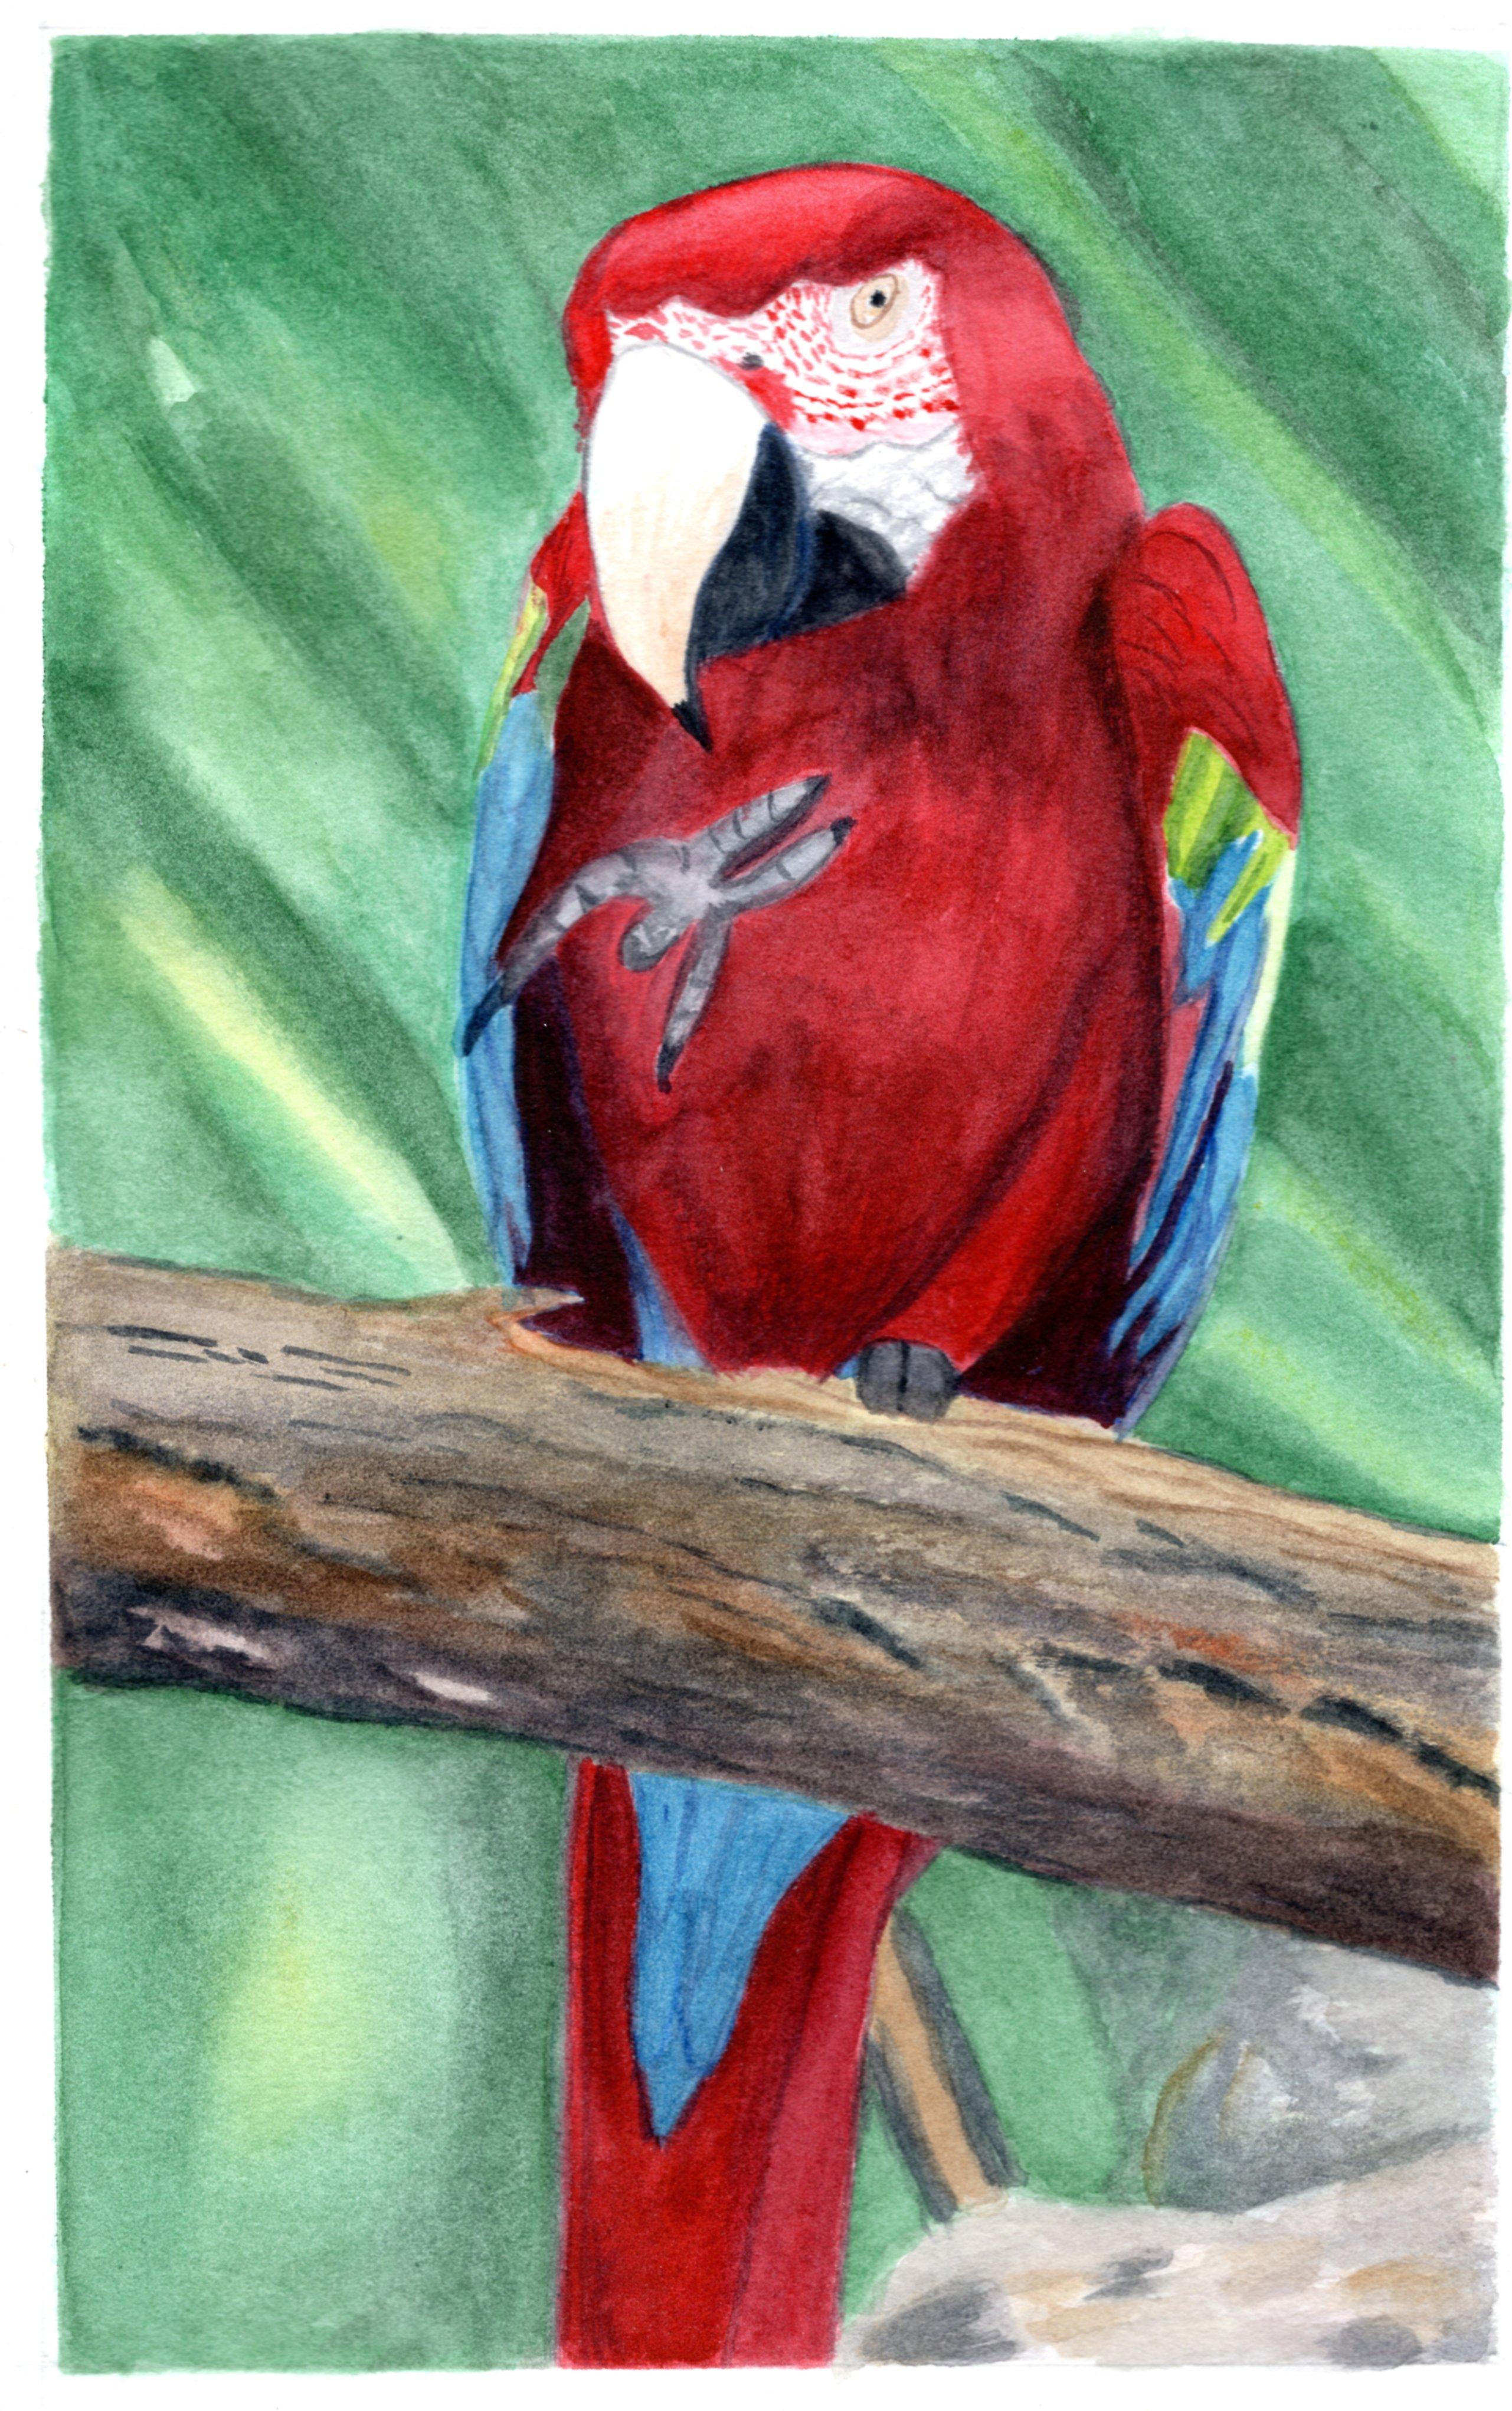 lesley parrot2